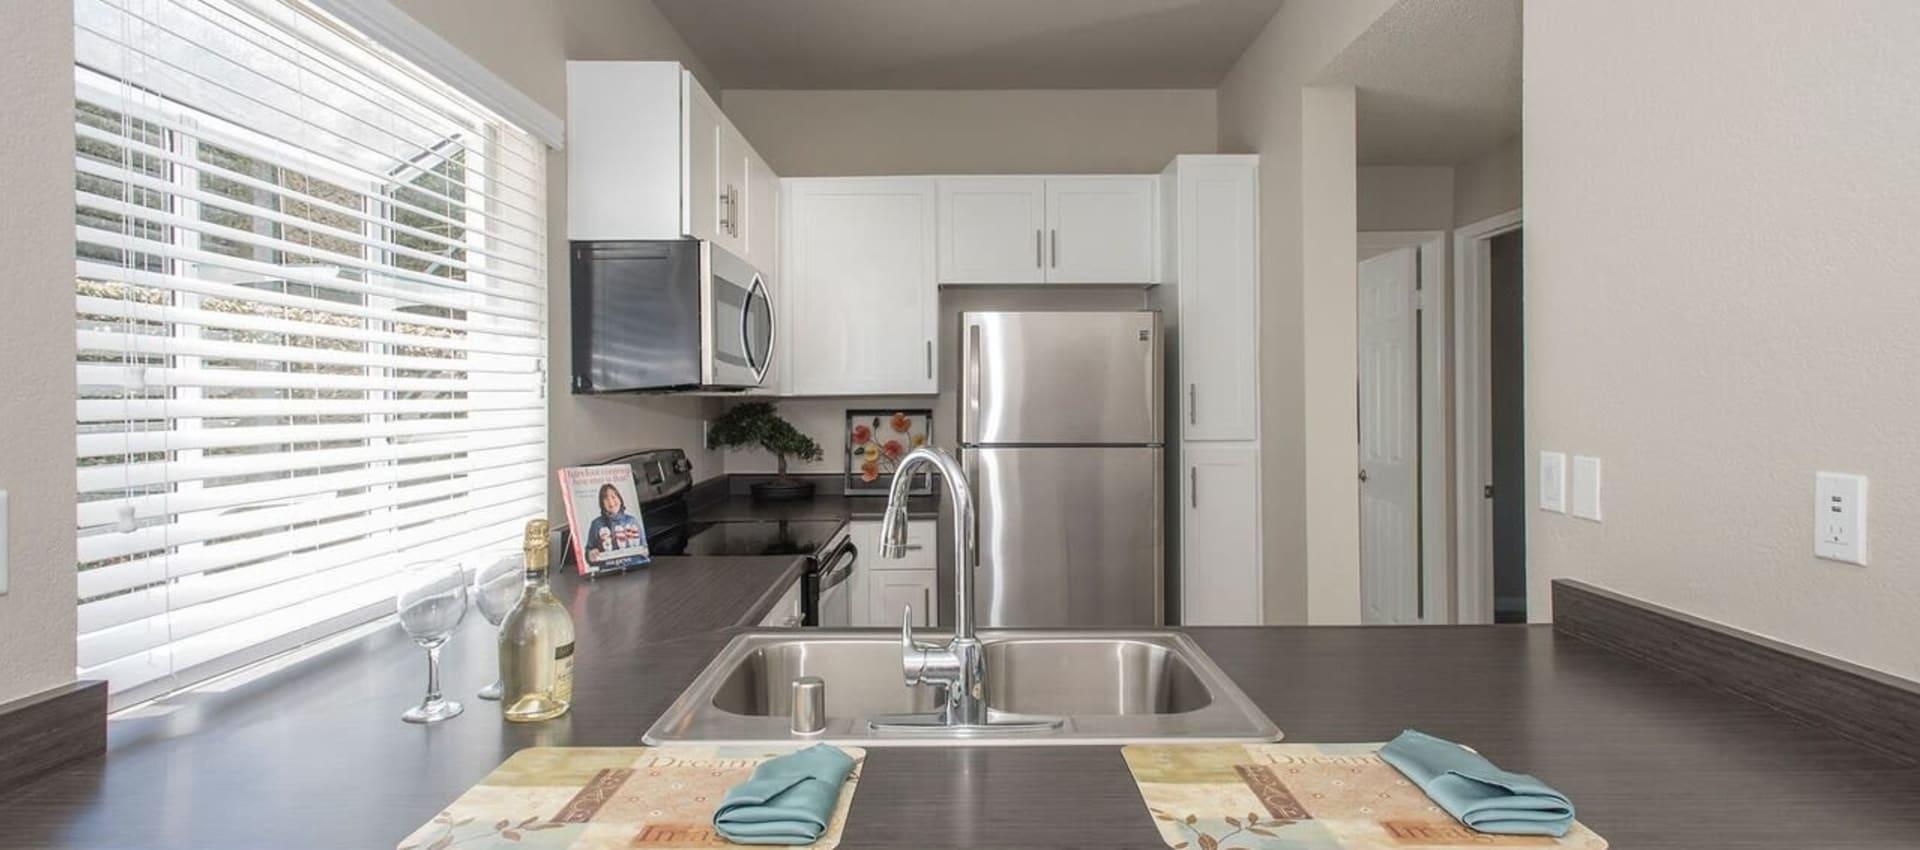 Kitchen with stainless steel appliances at Niguel Summit Condominium Rentals in Laguna Niguel, CA